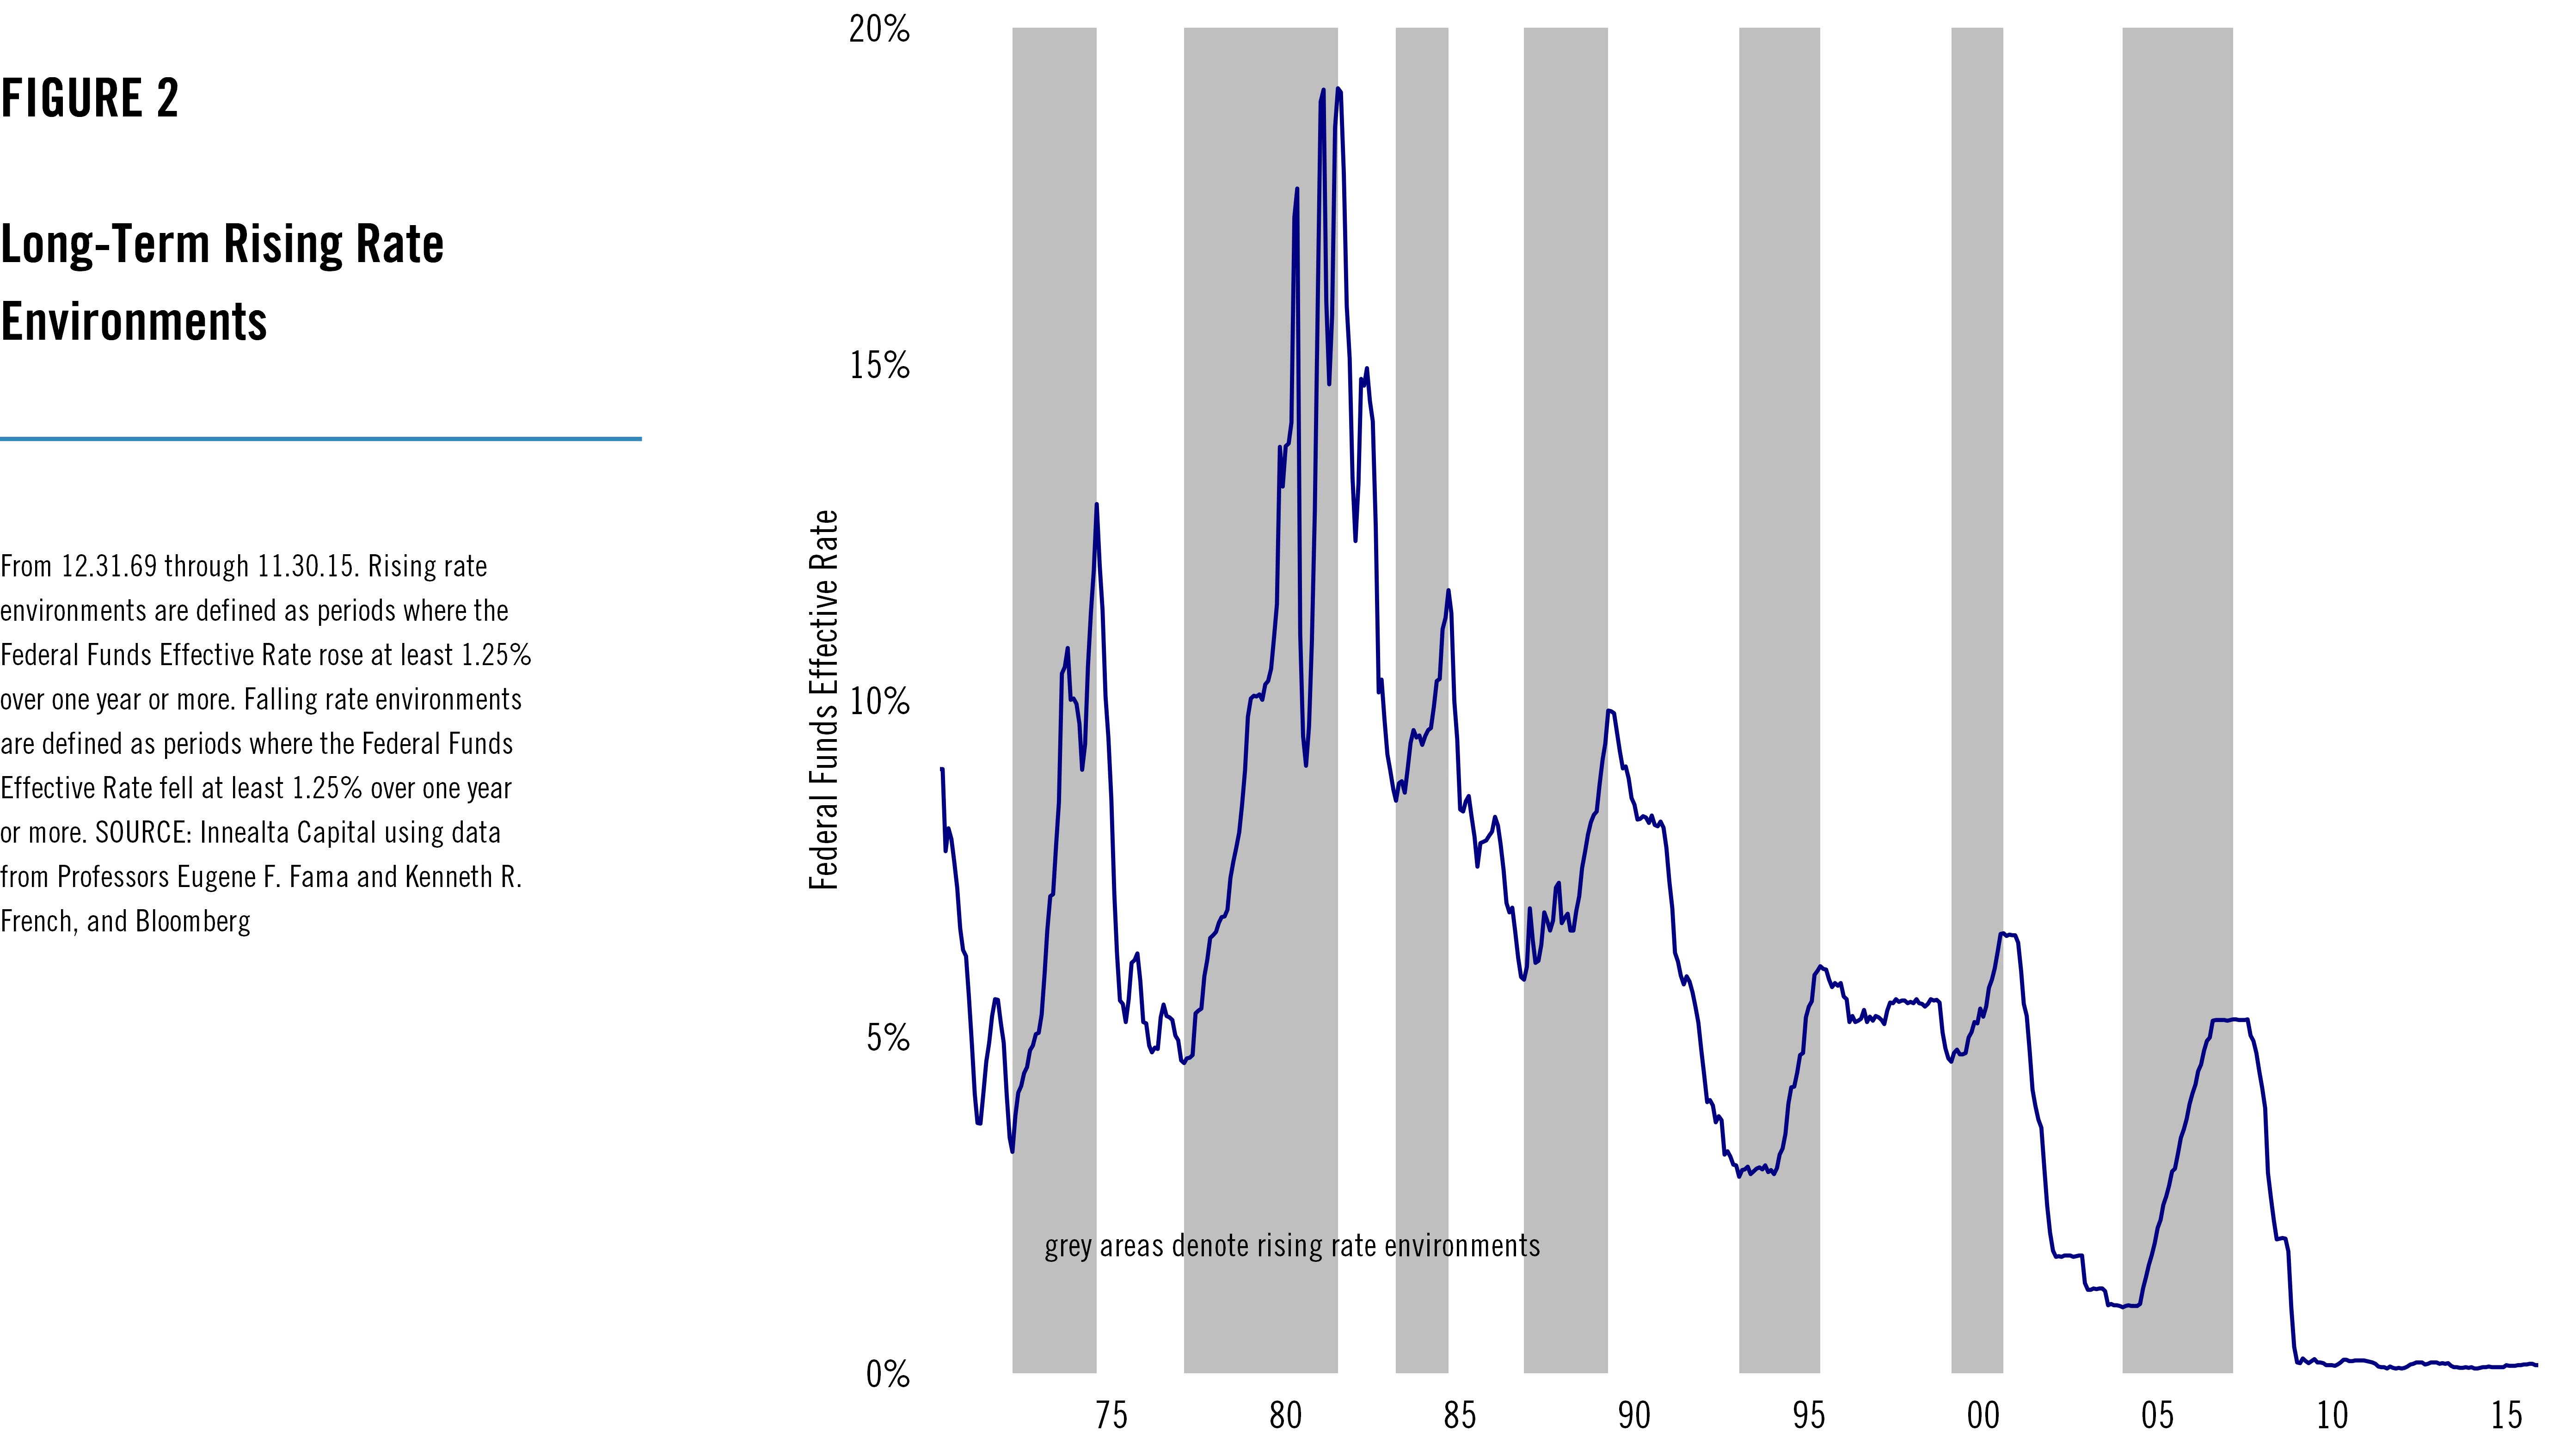 LT_rising_rates_print